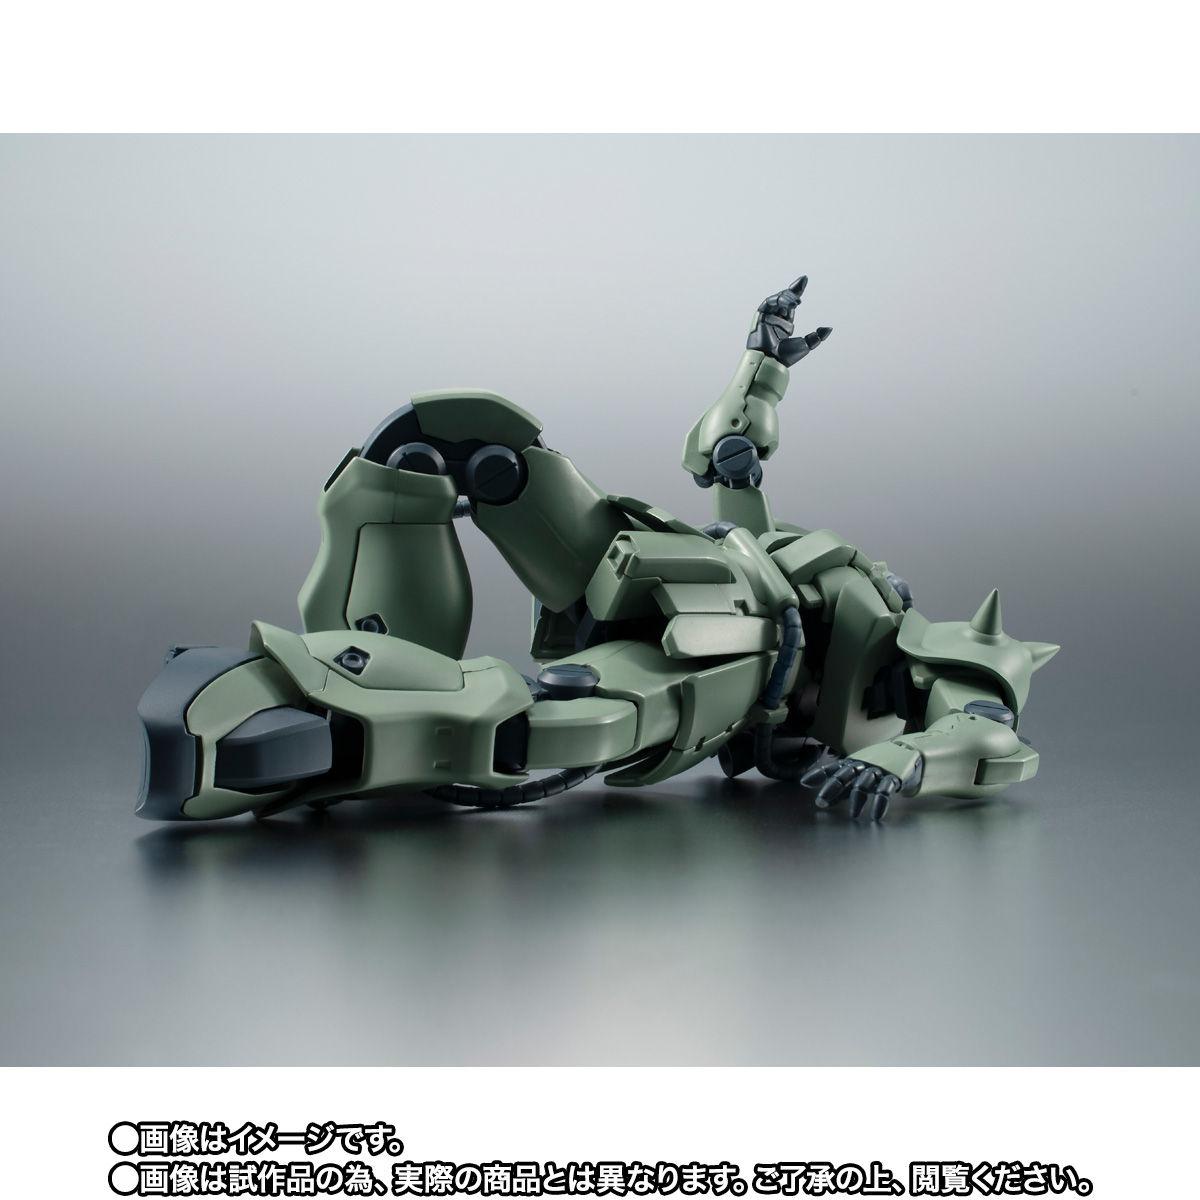 【限定販売】ROBOT魂〈SIDE MS〉『MS-06F-2 ザクII F2型(ノイエン・ビッター)ver. A.N.I.M.E.』ガンダム0083 可動フィギュア-010